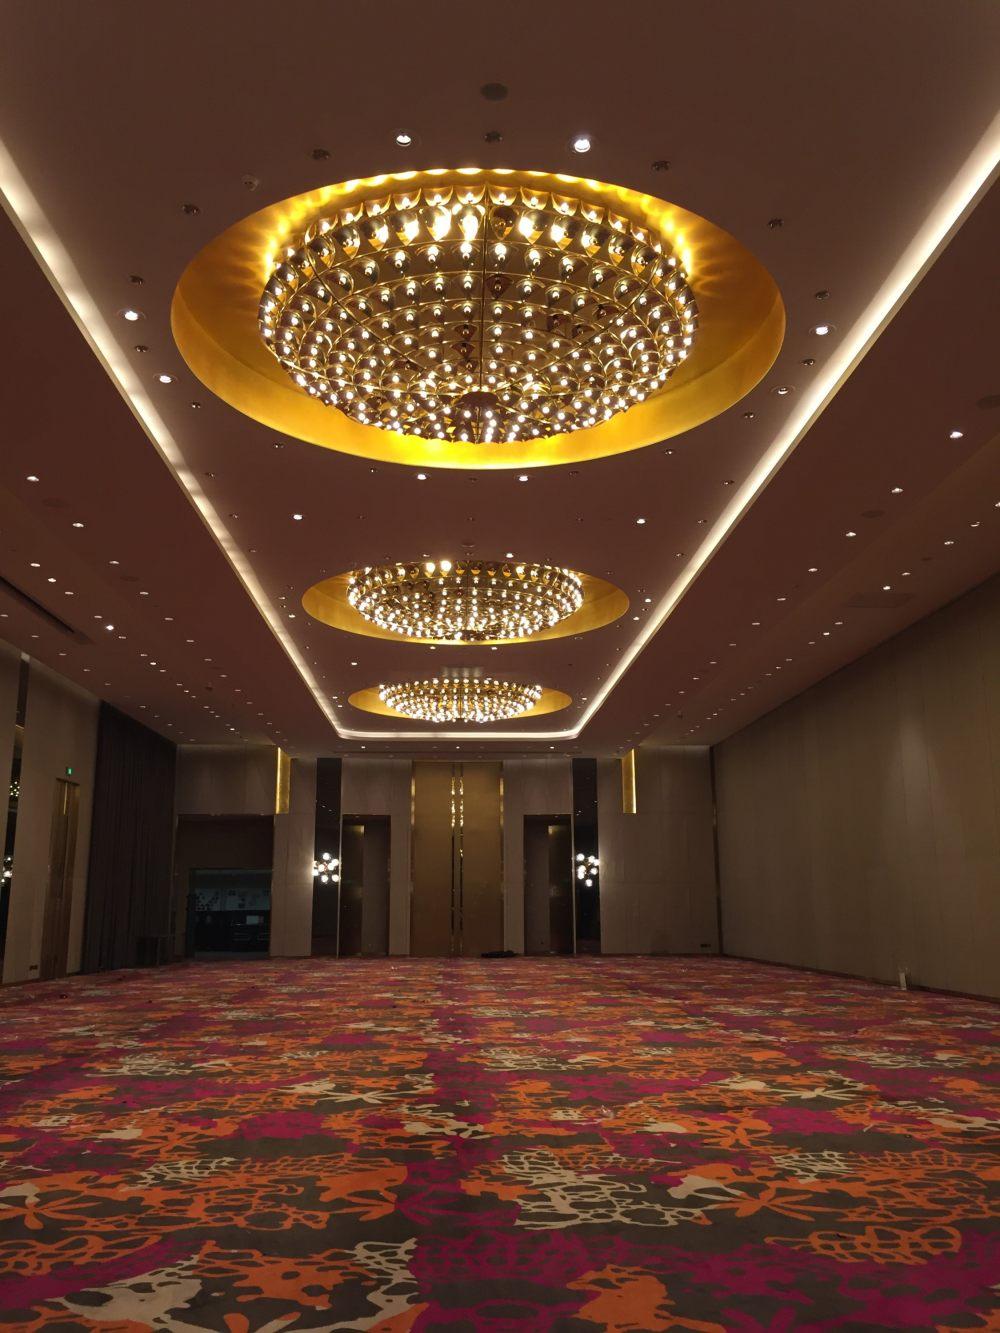 上海外滩W酒店,史上最全入住体验 自拍分享,申请置...._IMG_6122.JPG